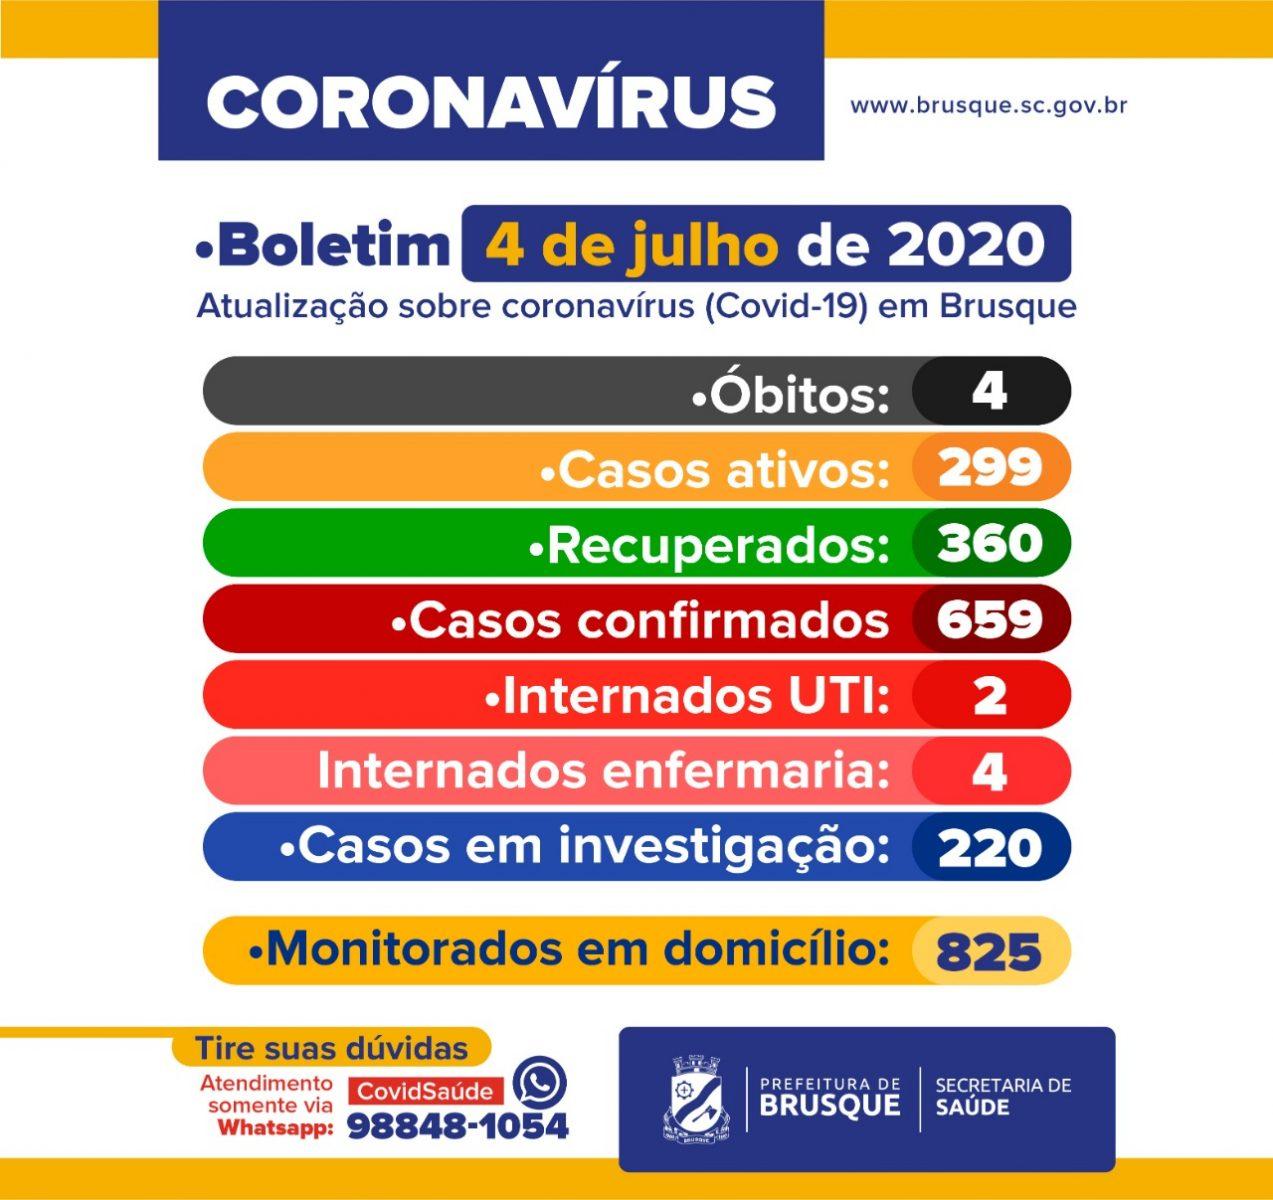 Confira o Boletim Epidemiológico da Prefeitura de Brusque deste sábado (04)